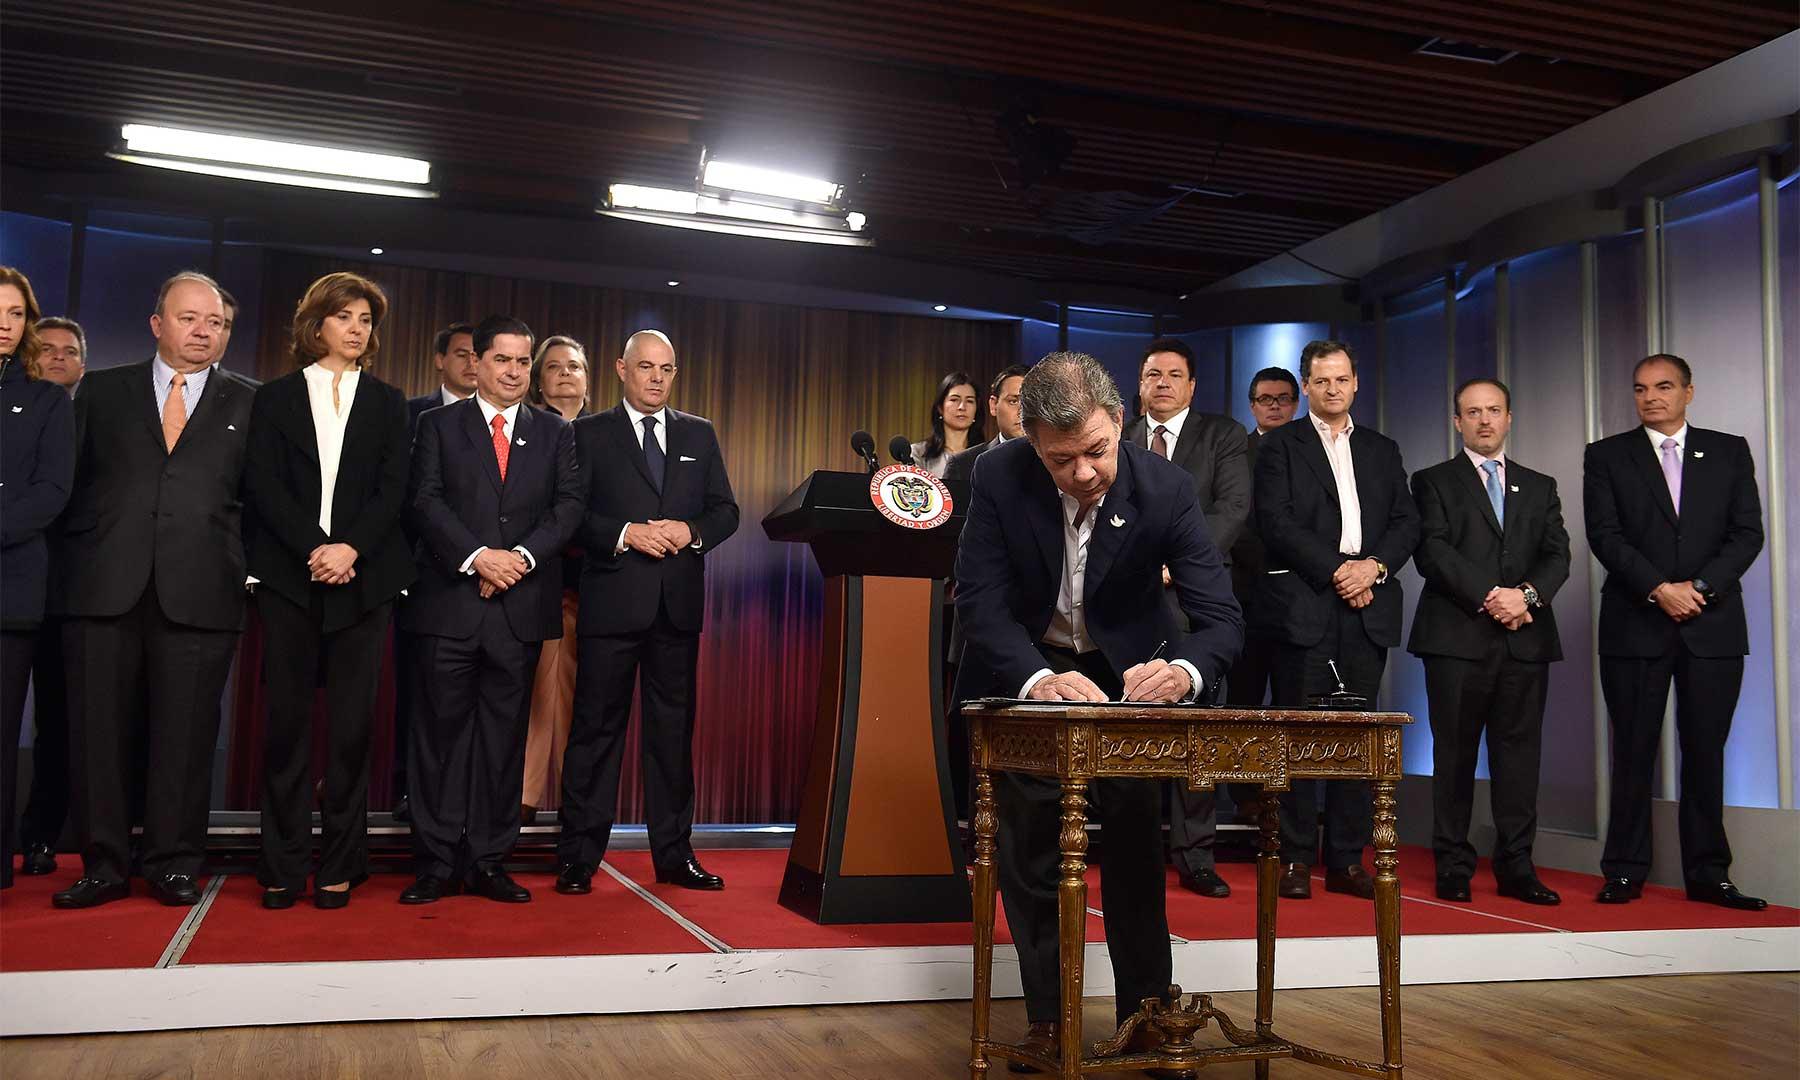 El Presidente Santos, acompañado por el Vicepresidente, los Ministros y los presidentes del Senado y la Cámara, firmó este martes en la Casa de Nariño el decreto que convoca el plebiscito para el próximo domingo 2 de octubre.